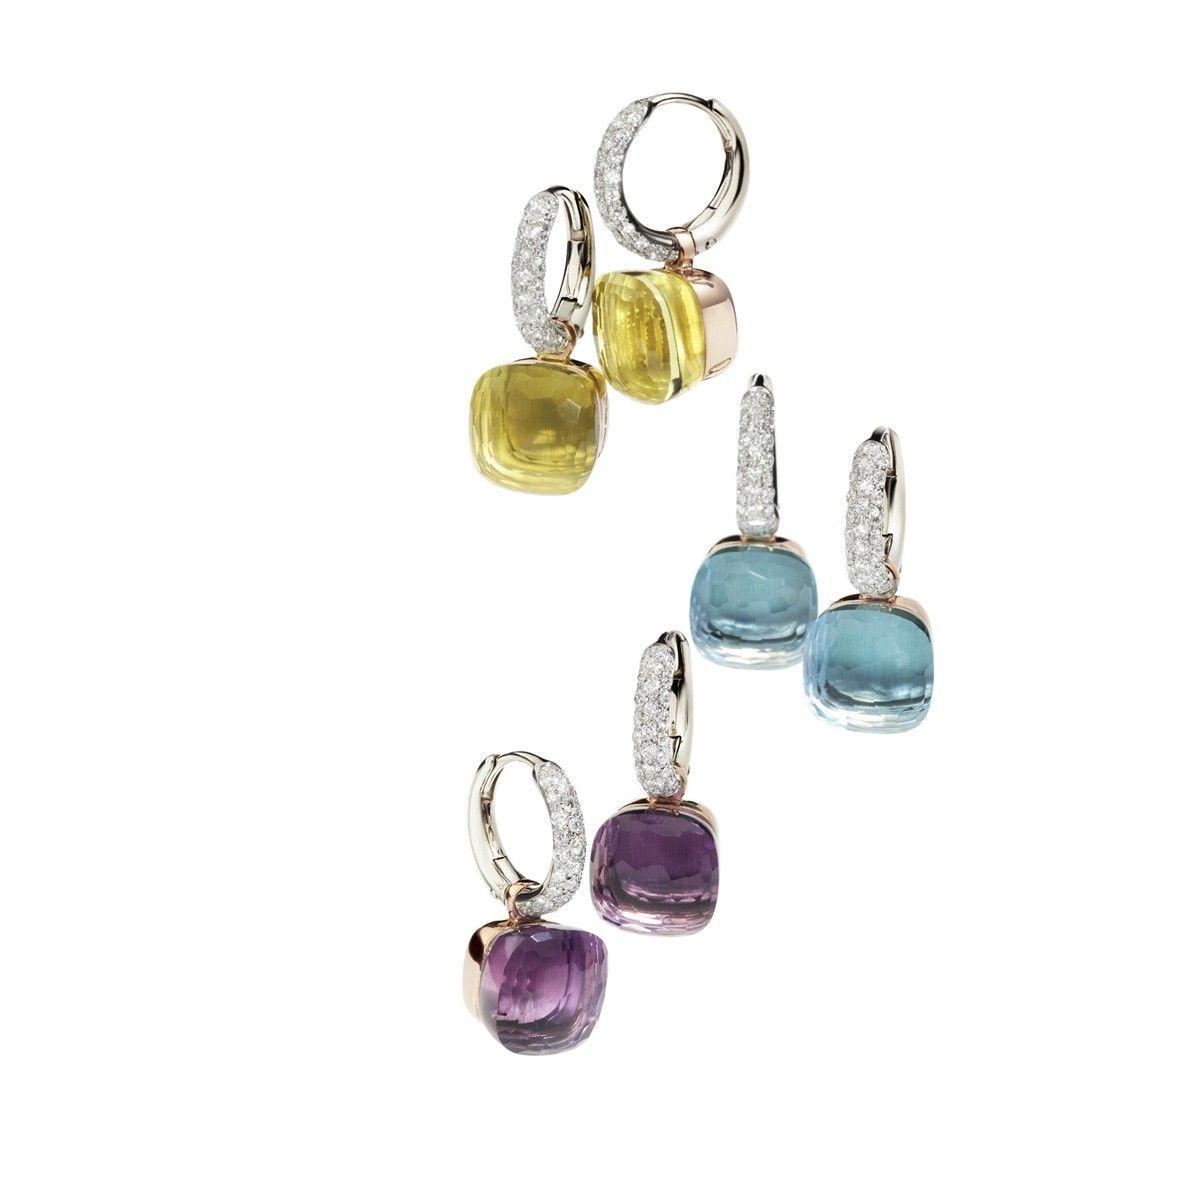 Oro Pomellato Nudo con diamantes pendientes en blanco y rosa con topacio azul, amatista o limón cuarzo y diamantes blancos